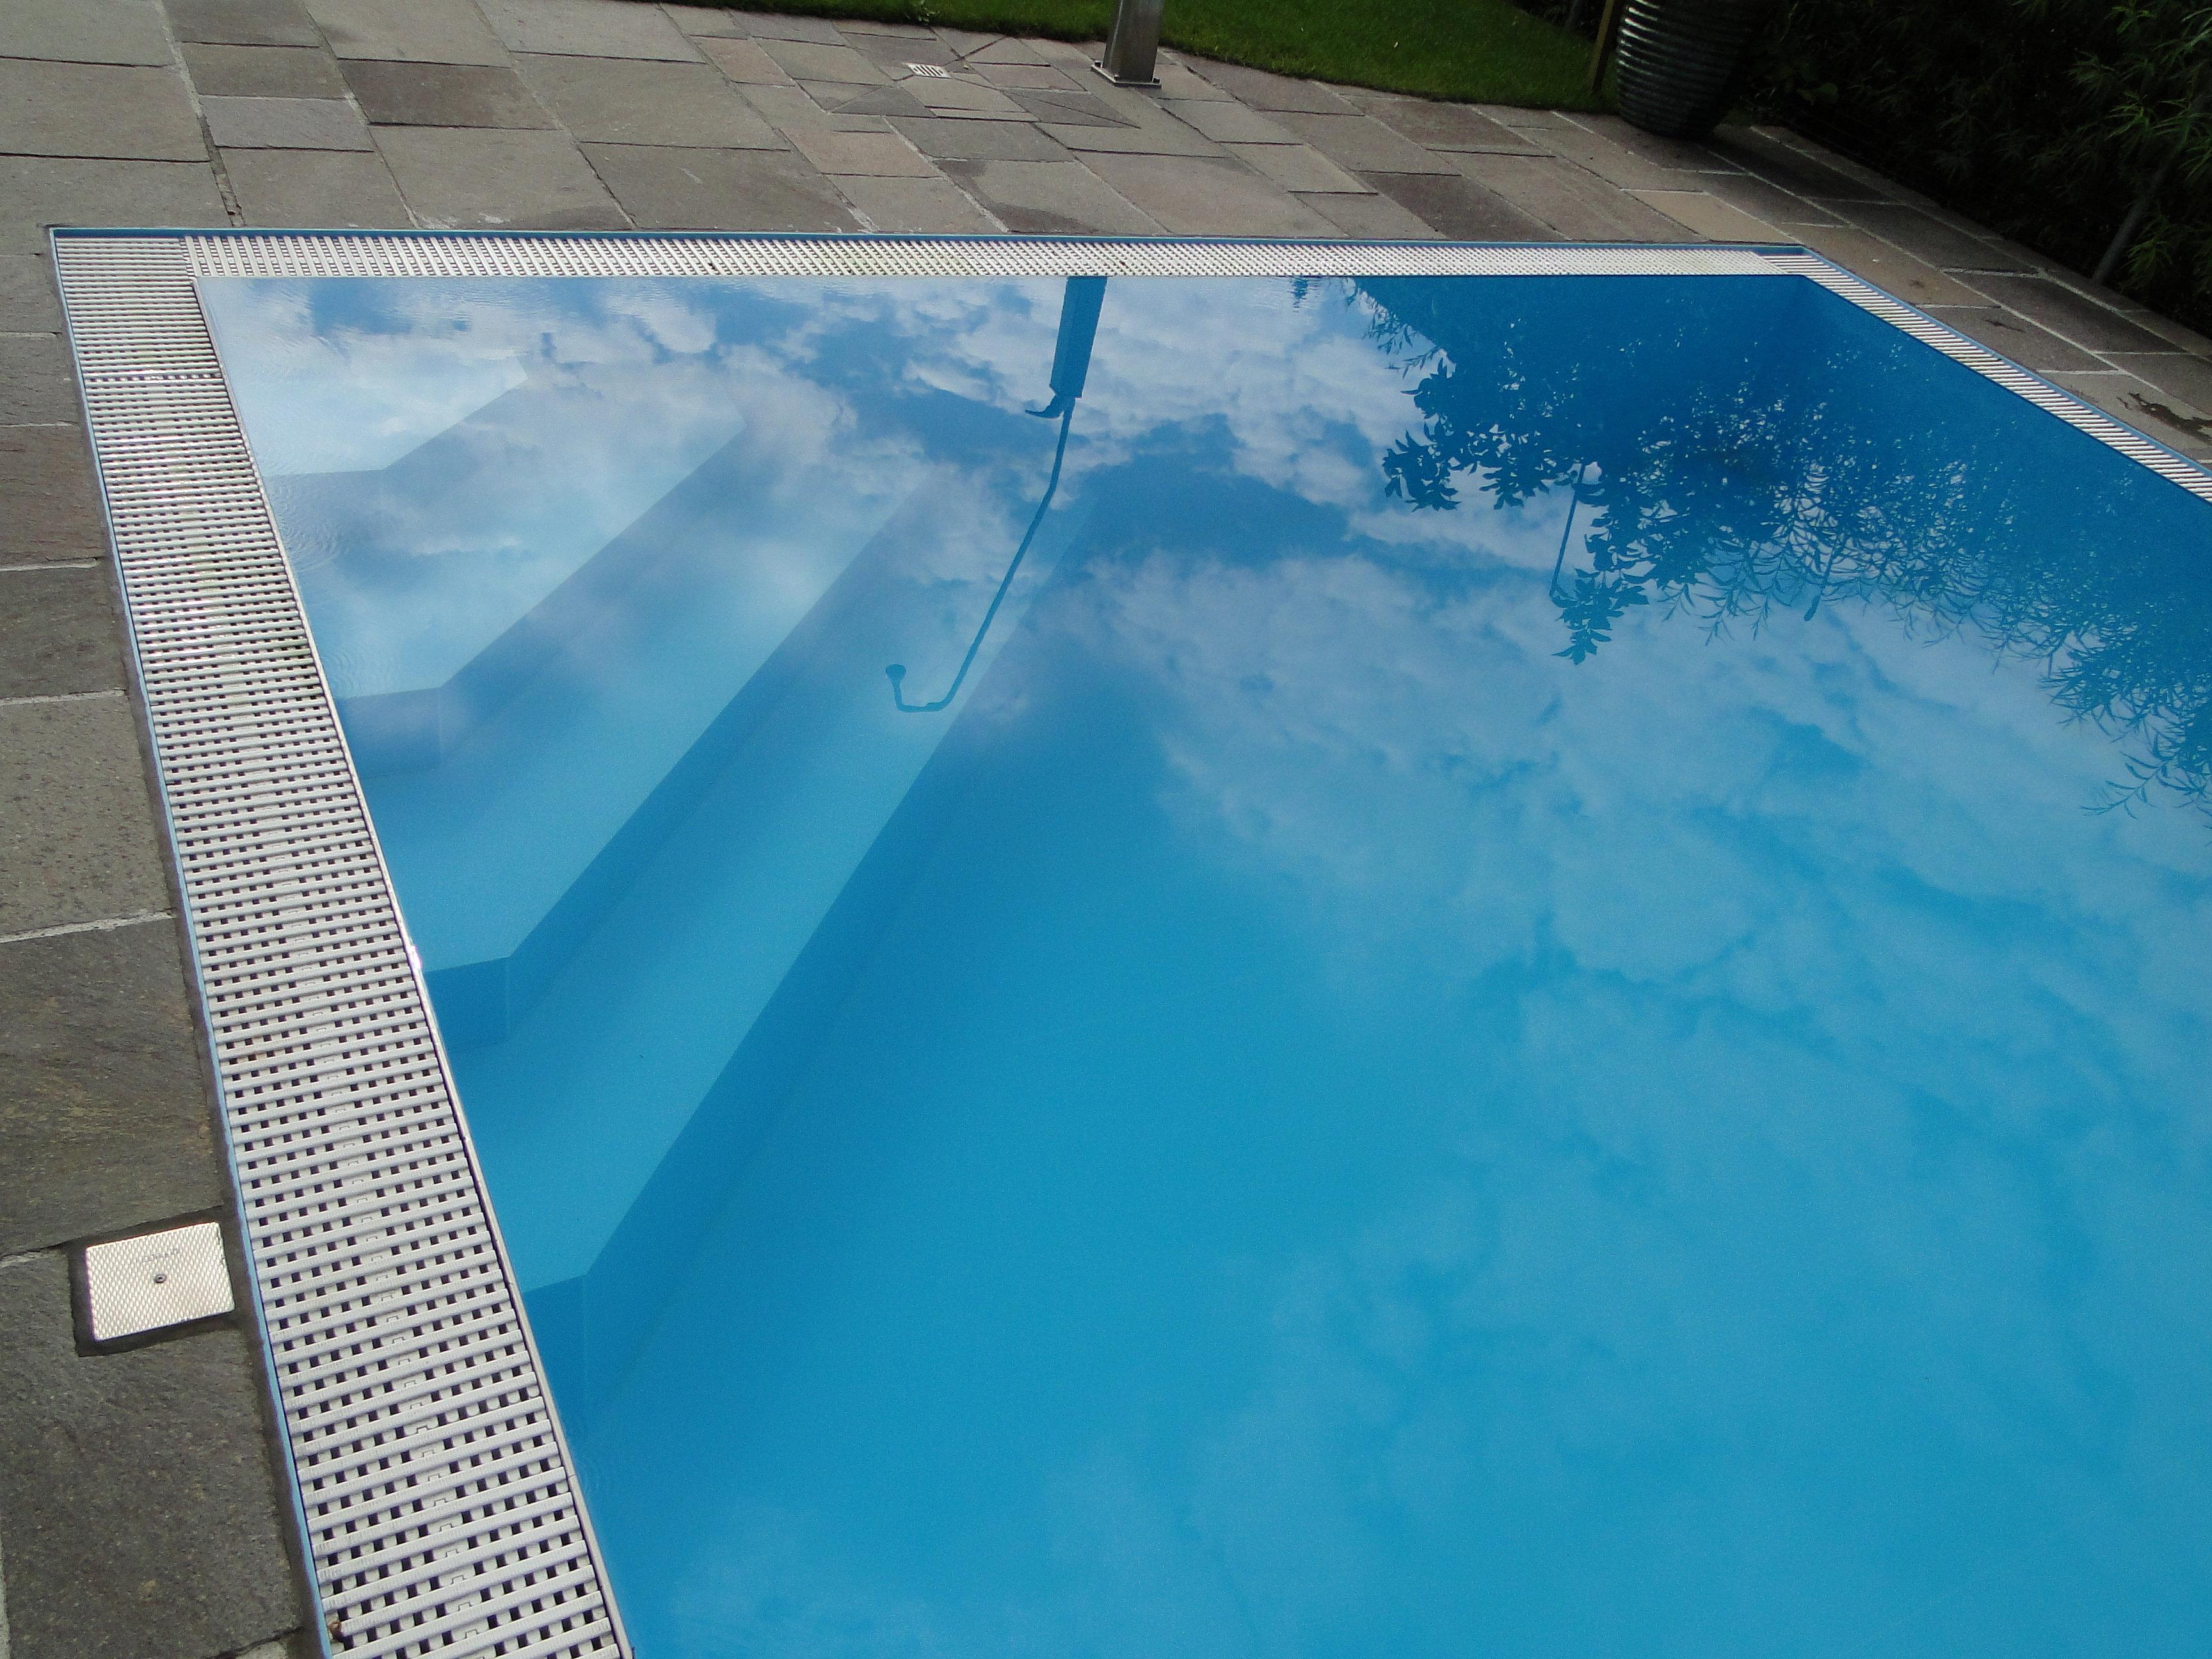 jetzt ein schwimmbad kaufen die gloria handels gmbh macht. Black Bedroom Furniture Sets. Home Design Ideas